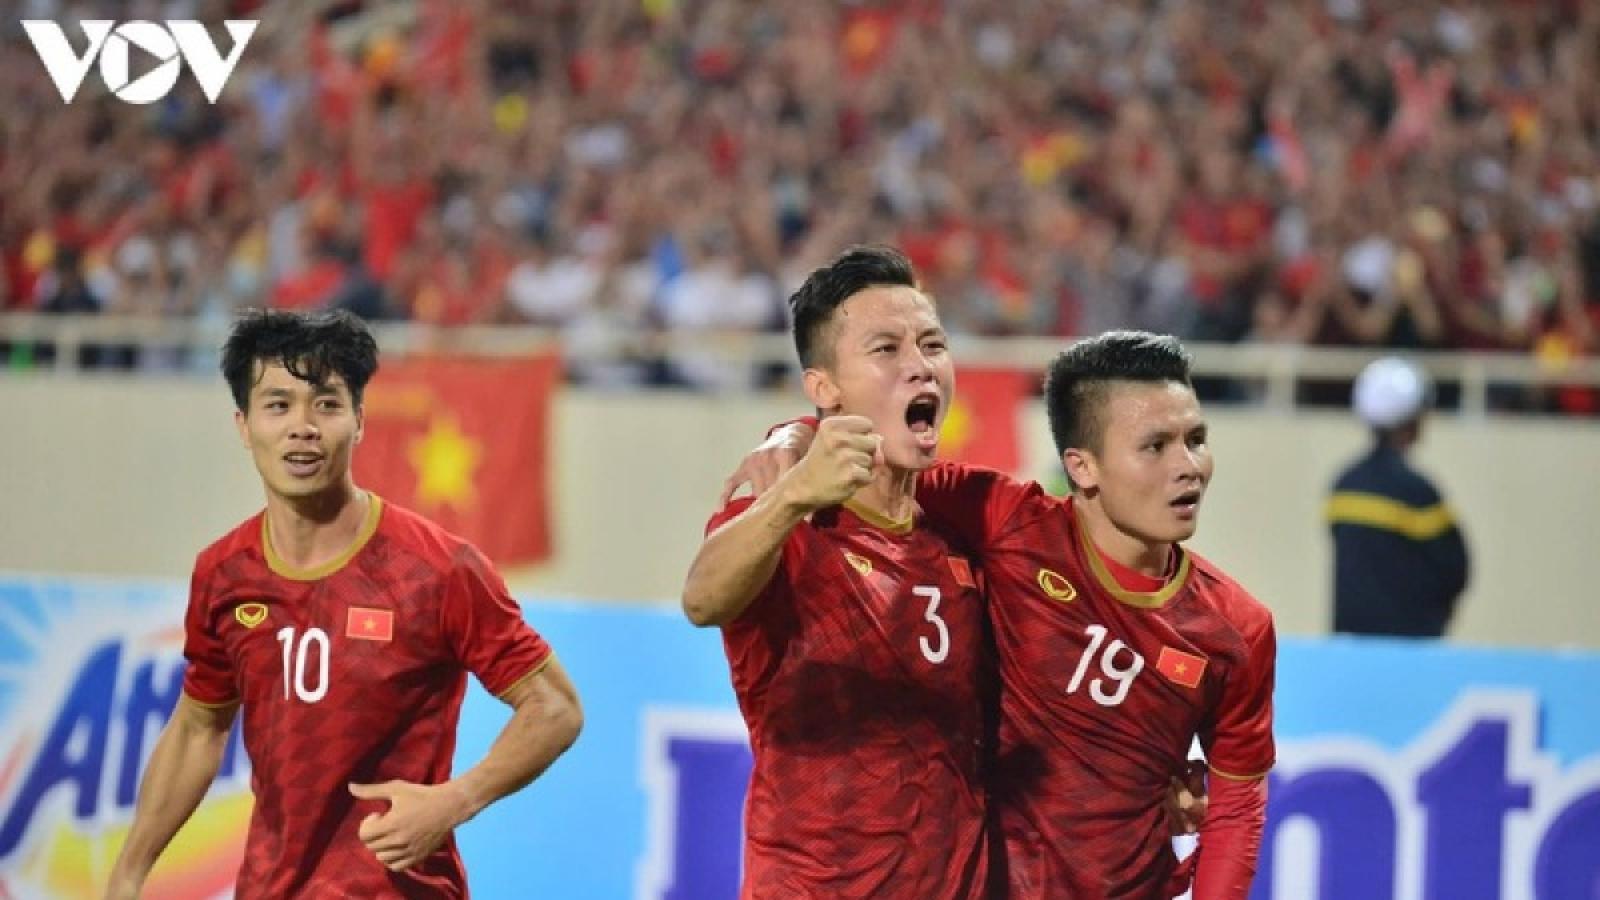 Vòng loại World Cup 2022: FIFA huỷ kết quả của ĐT Triều Tiên, ĐT Việt Nam gặp bất lợi